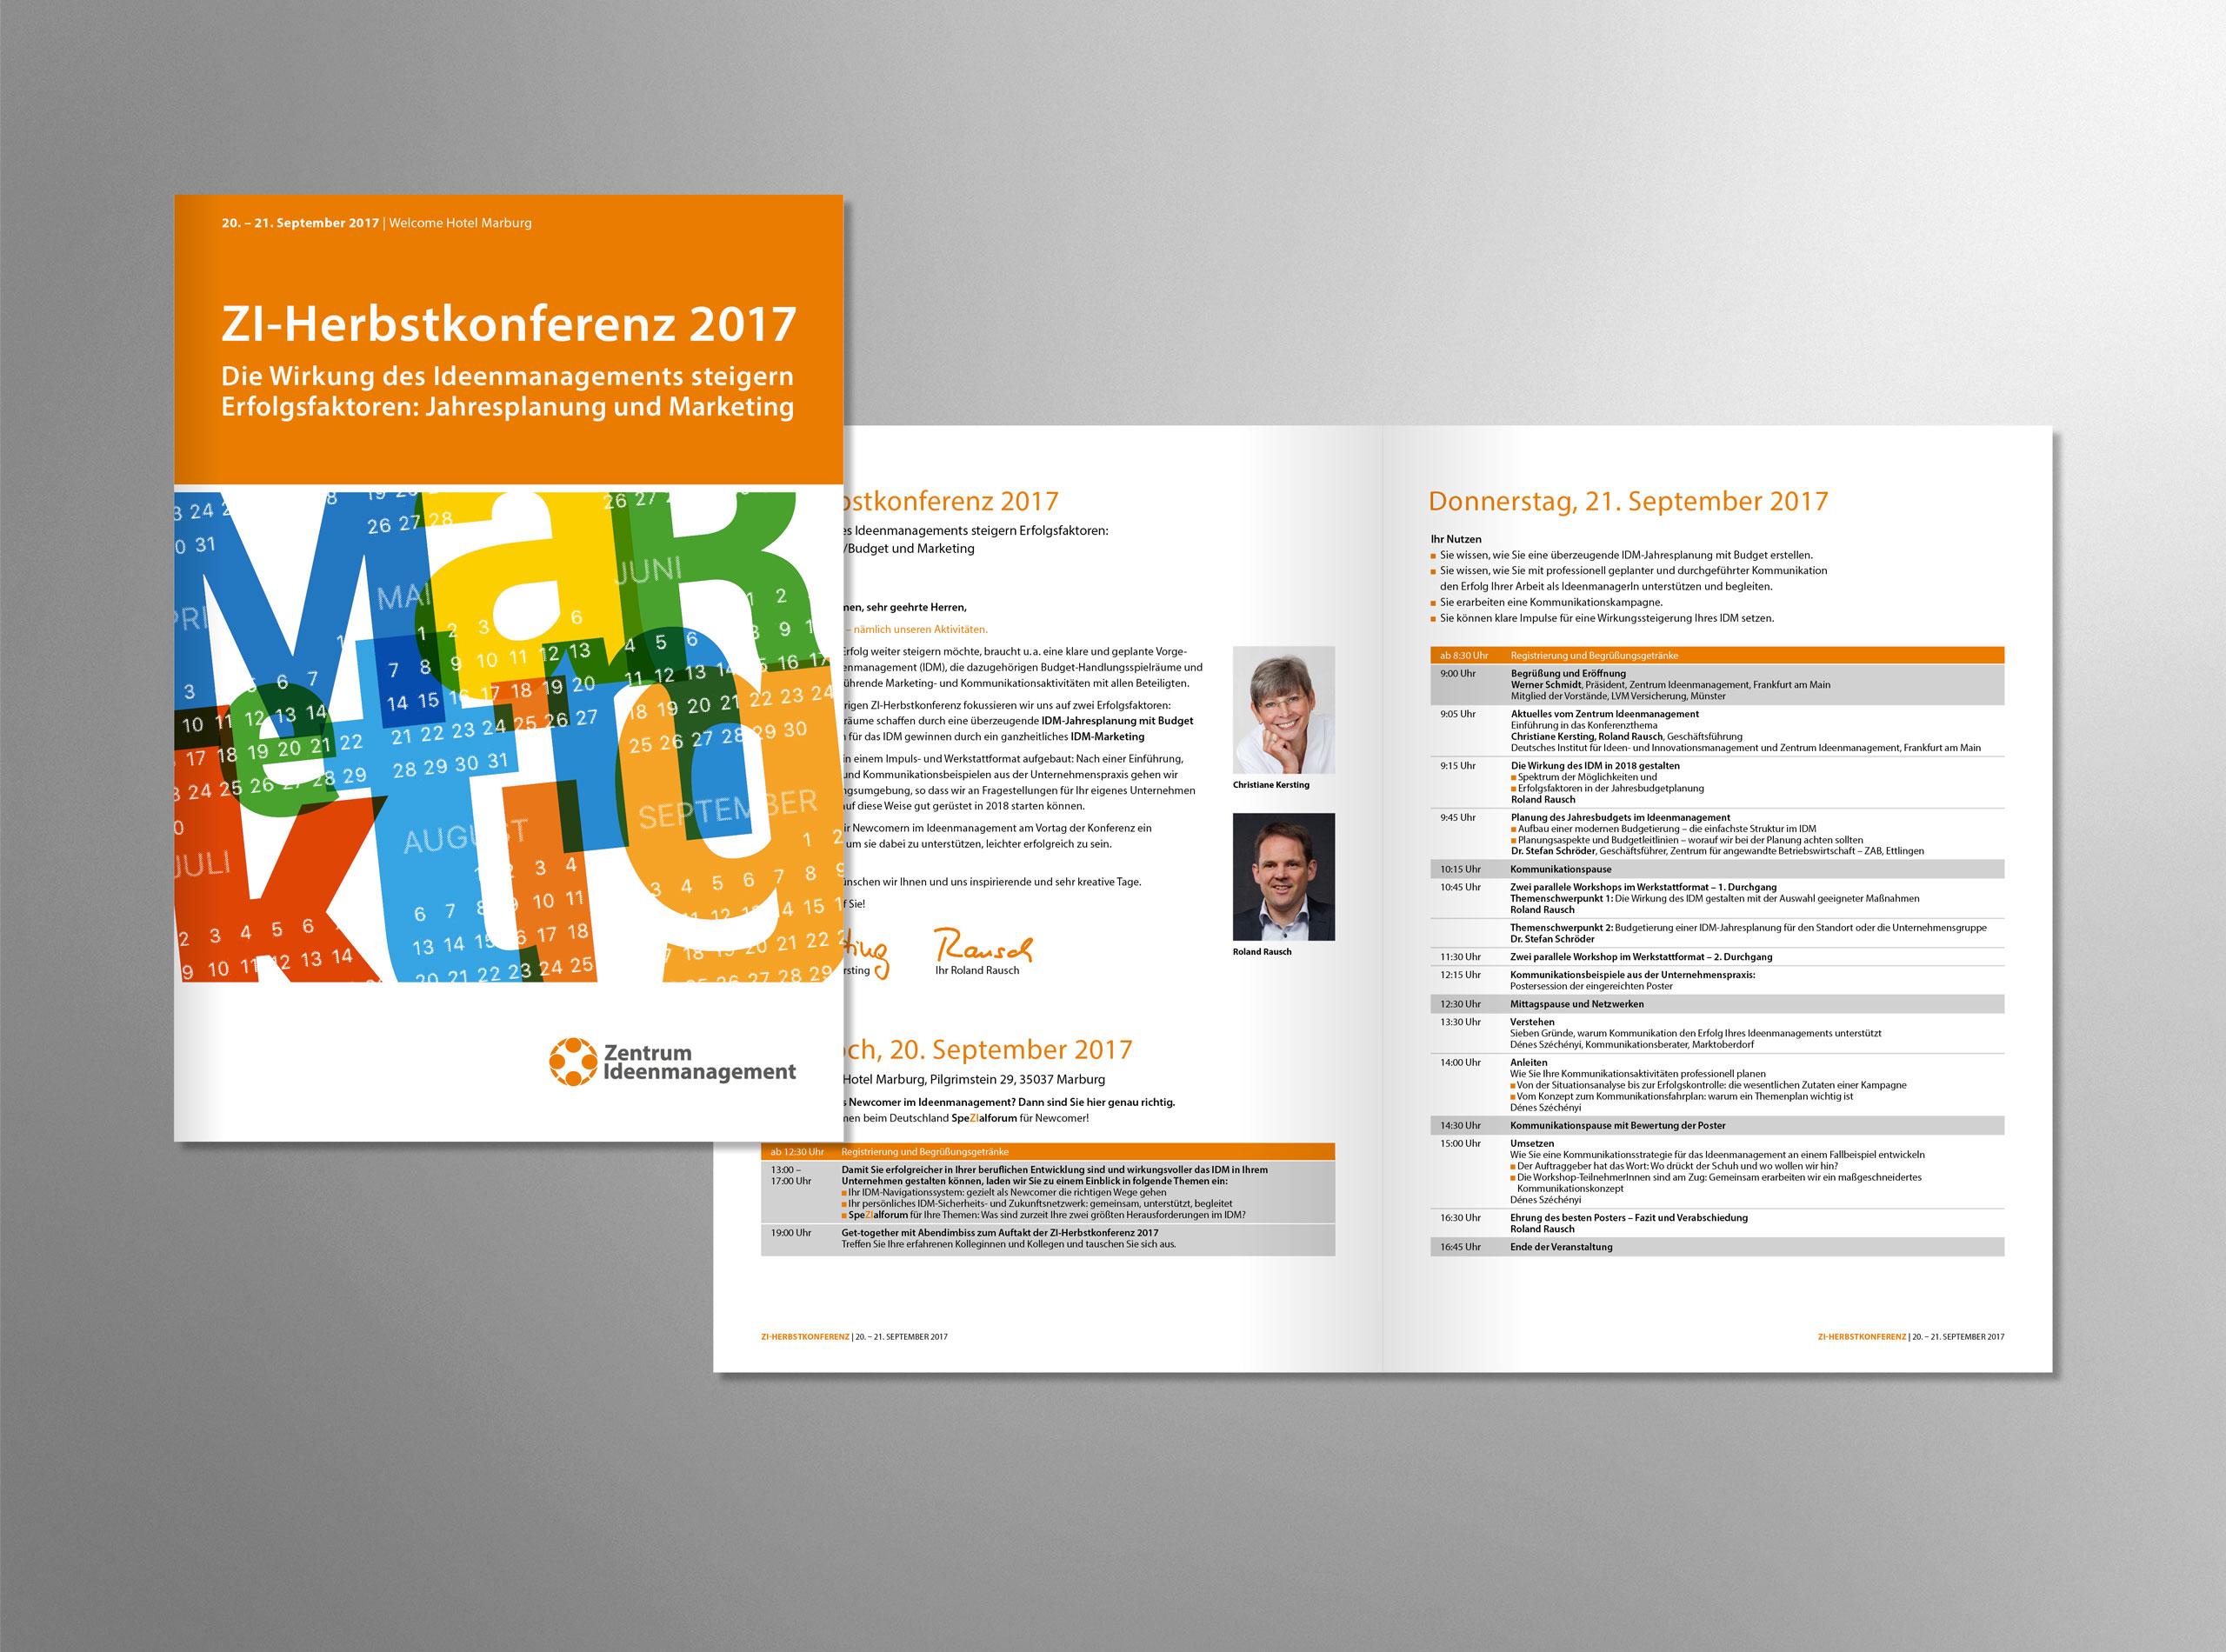 Zentrum Ideenmanagement Herbstkonferenzbroschüre 2017 2